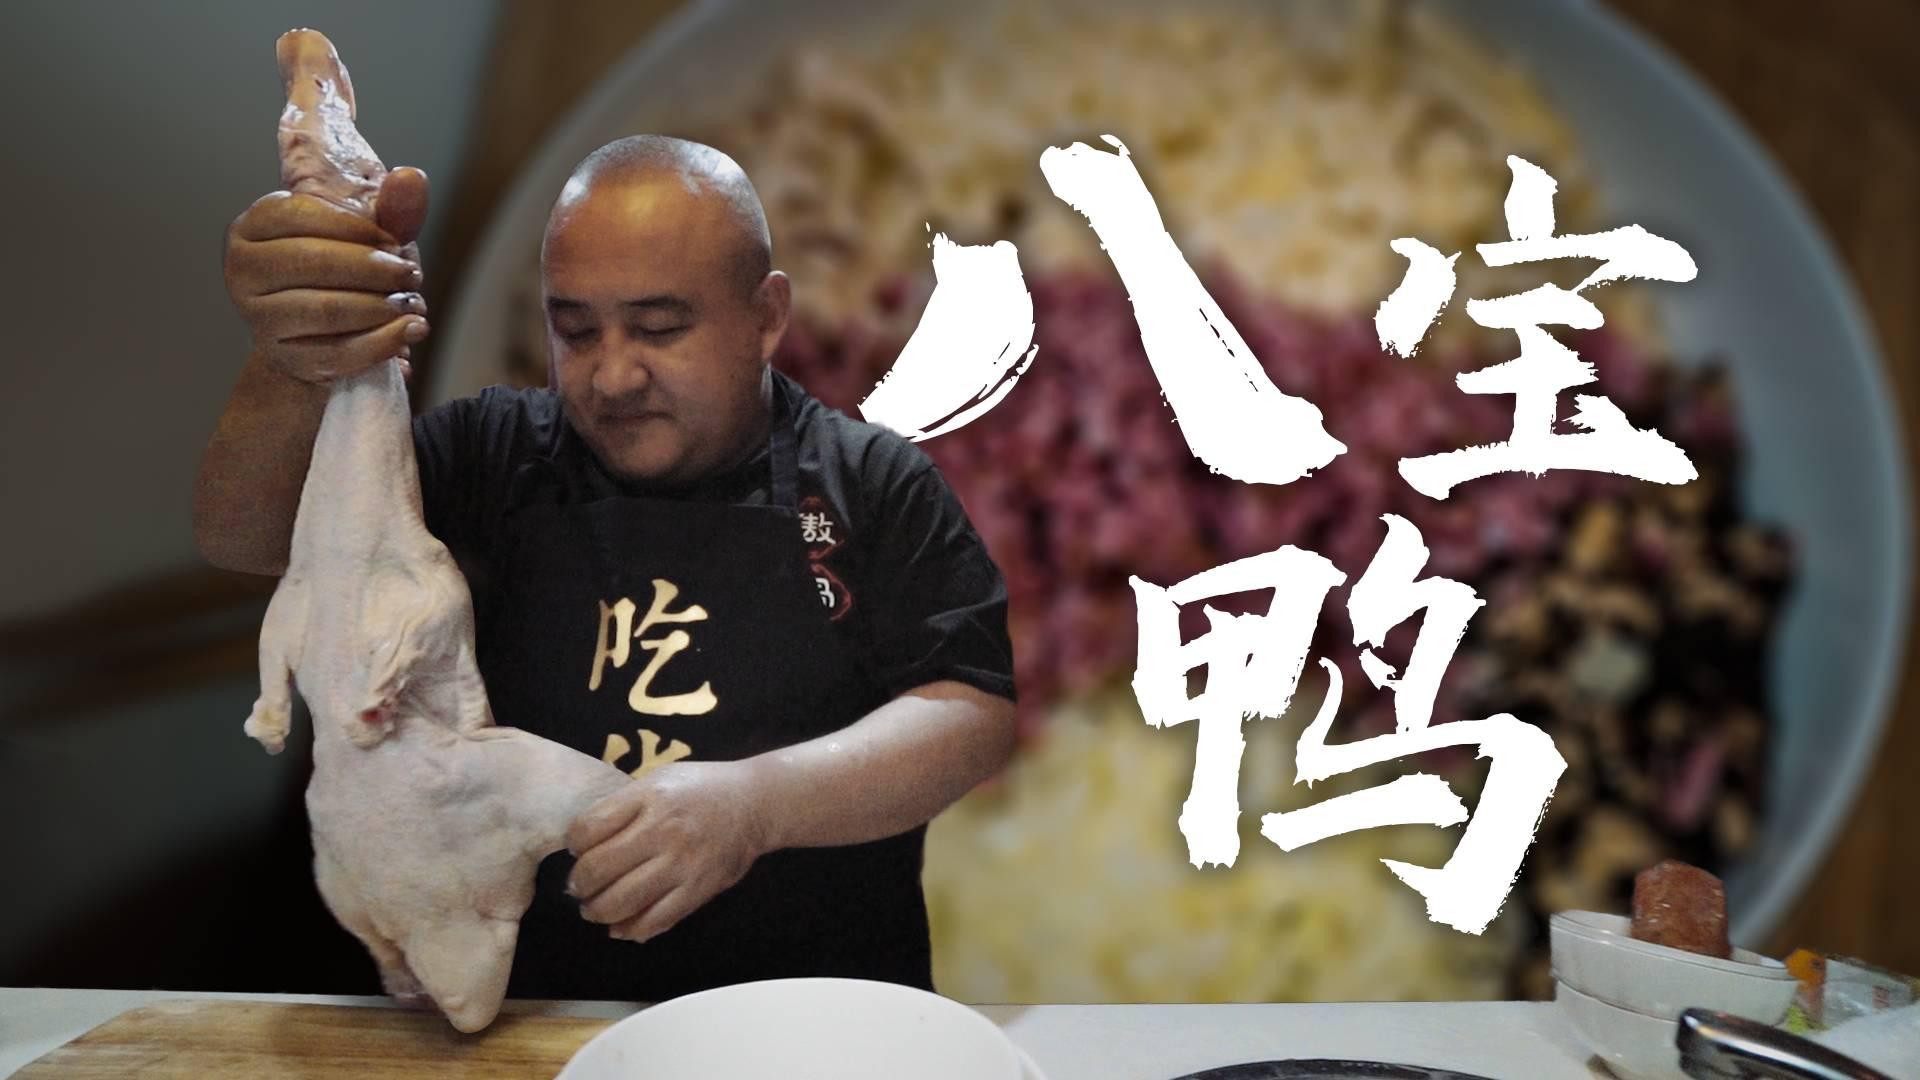 【吃货请闭眼】大叔做鸭?9小时就为吃袁世凯同款的八宝鸭!肚子里塞了7种料,再用鸡汤蒸?